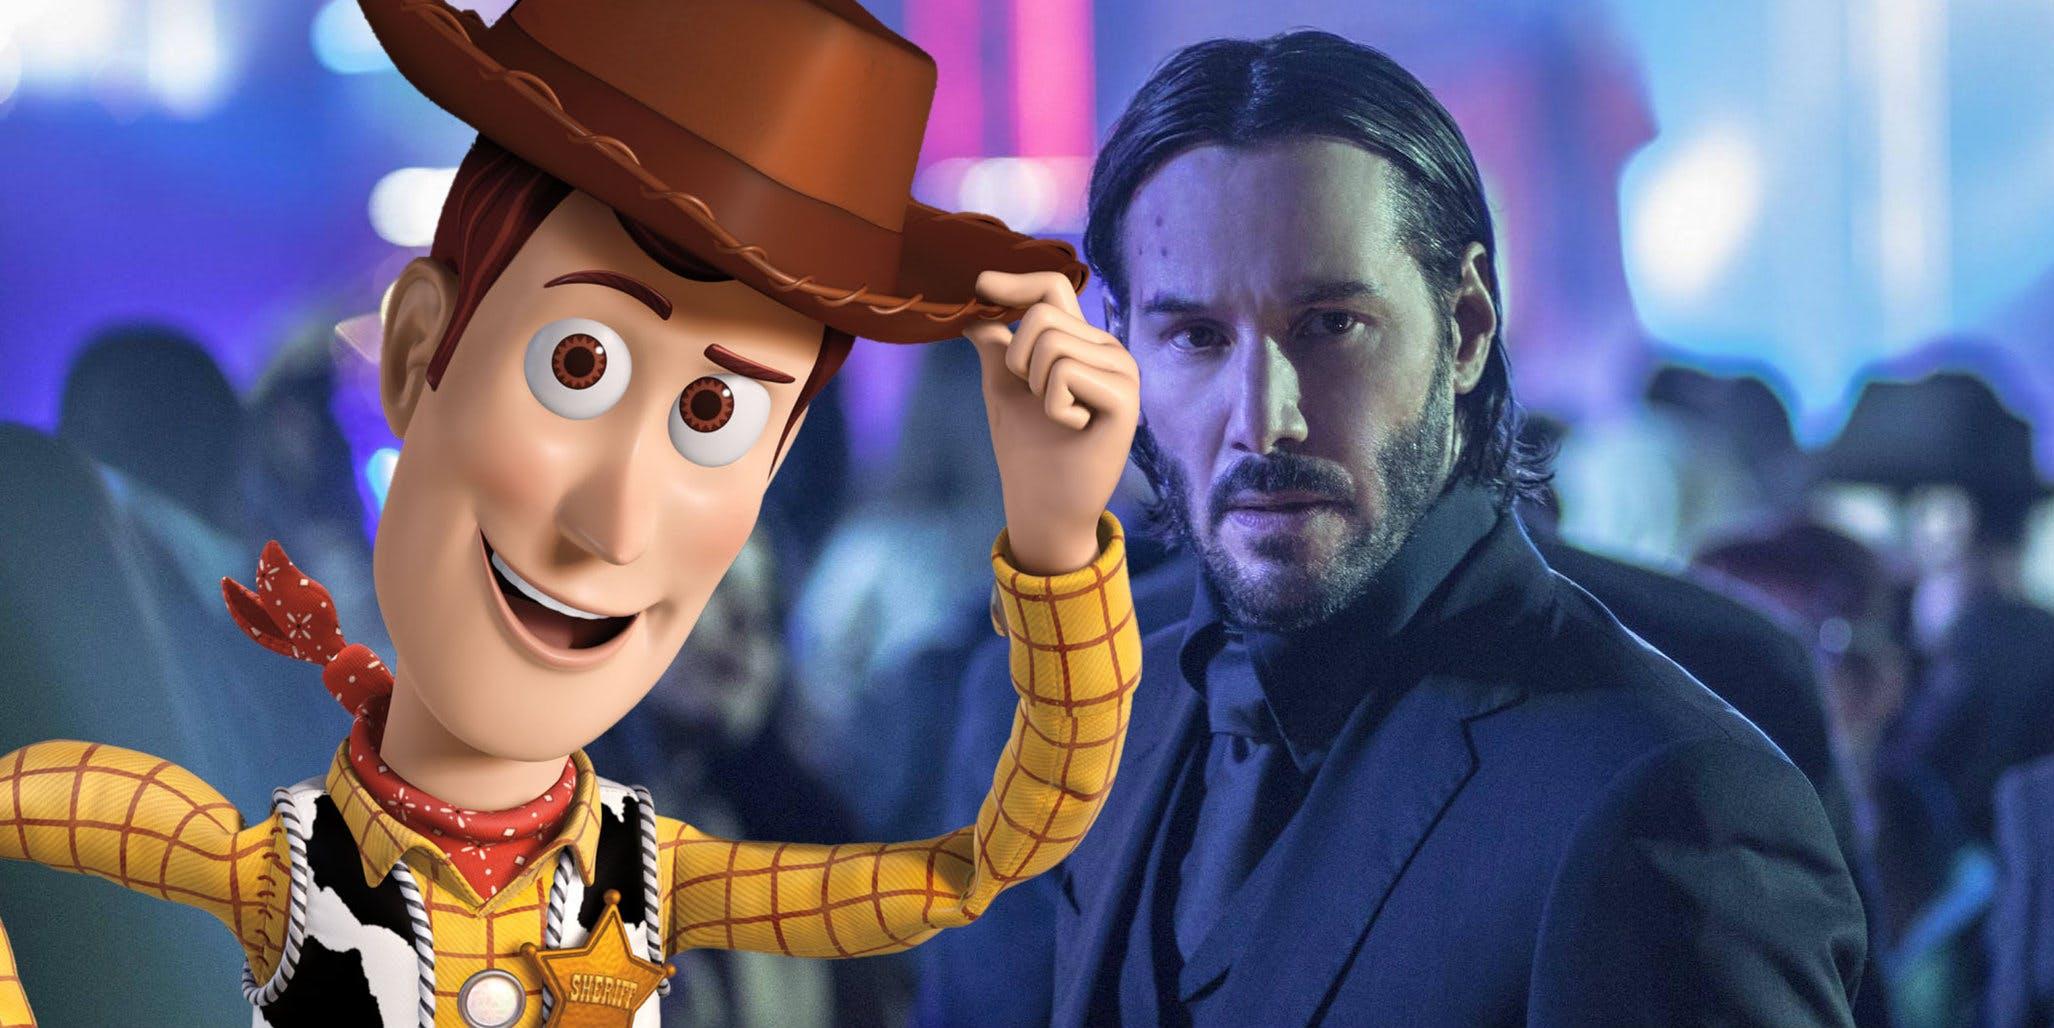 El año que viene llegará una nueva historia acerca del juguete más famosos  del mundo  Woody 4cd682b178a